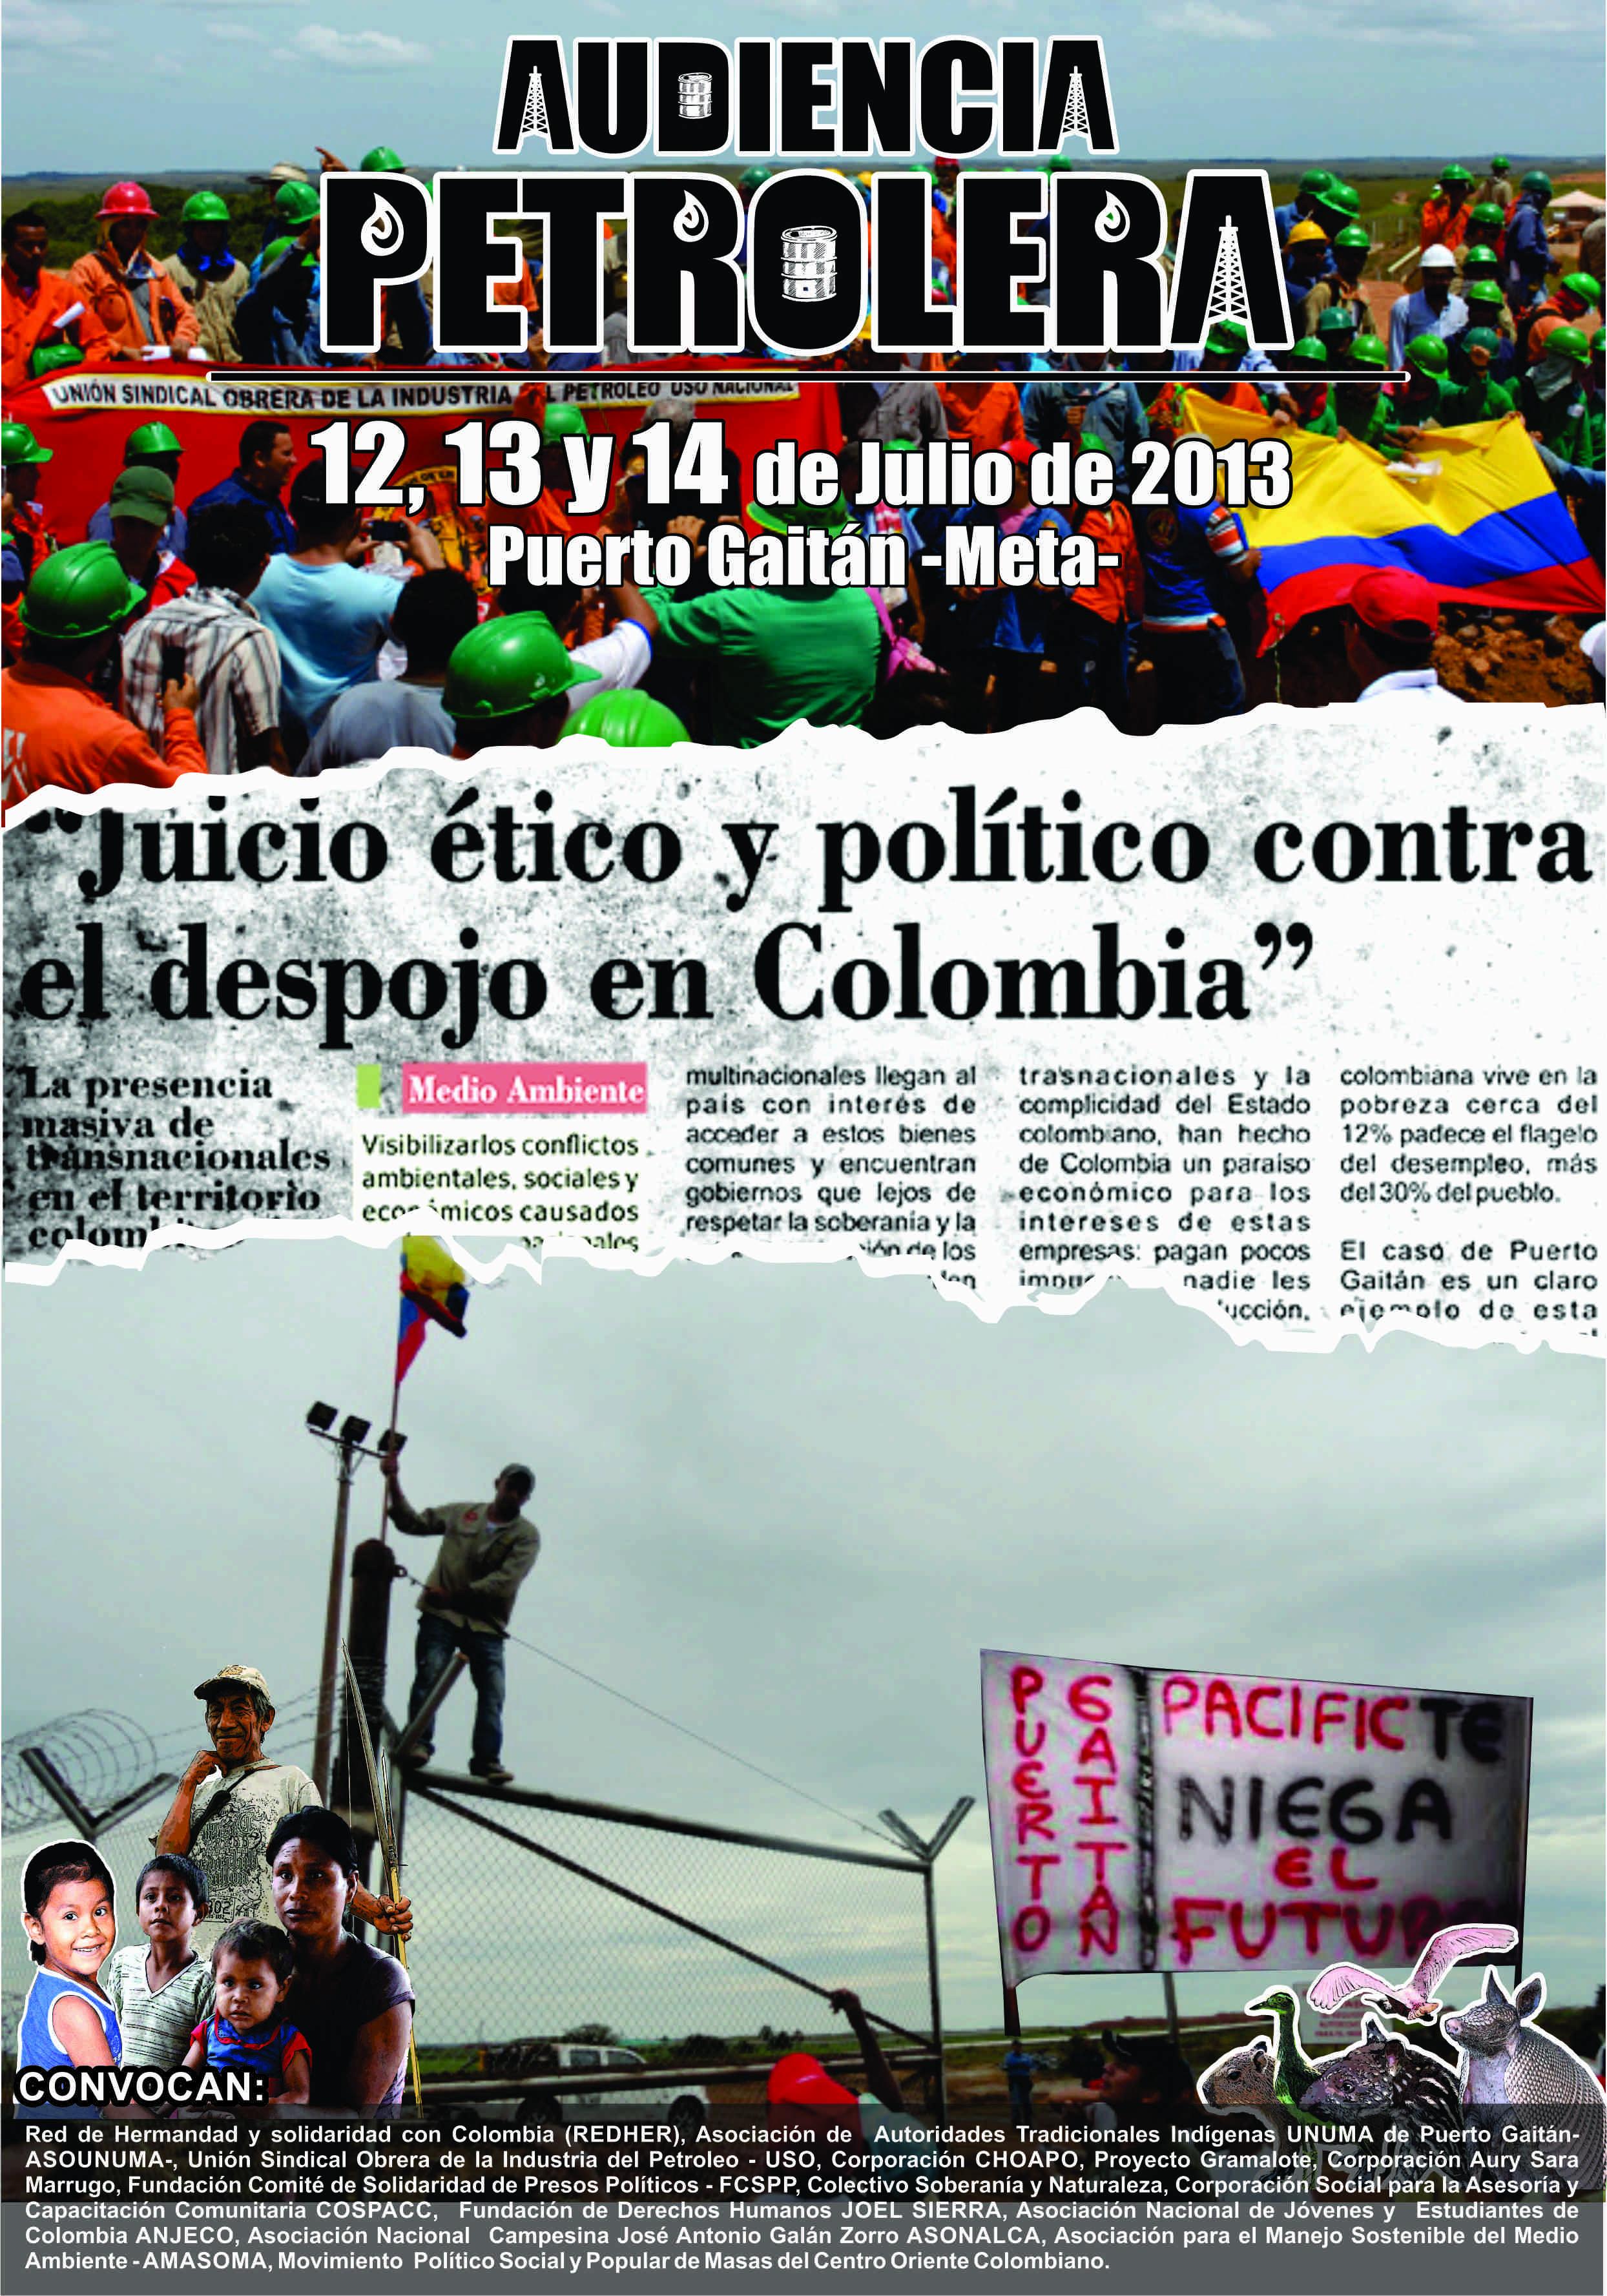 affiche du Tribunal populaire contre les pratiques extractives en Colombie. Audience pétrolière 12, 13 et 14 juillet 2013 à Puerto Gaitan - Méta. Sur fond de deux photos: en haut, une foule de travailleurs arborant les couleurs de la Colombie; en bas, un travailleur monté sur une clôture, une affiche militante, etc.